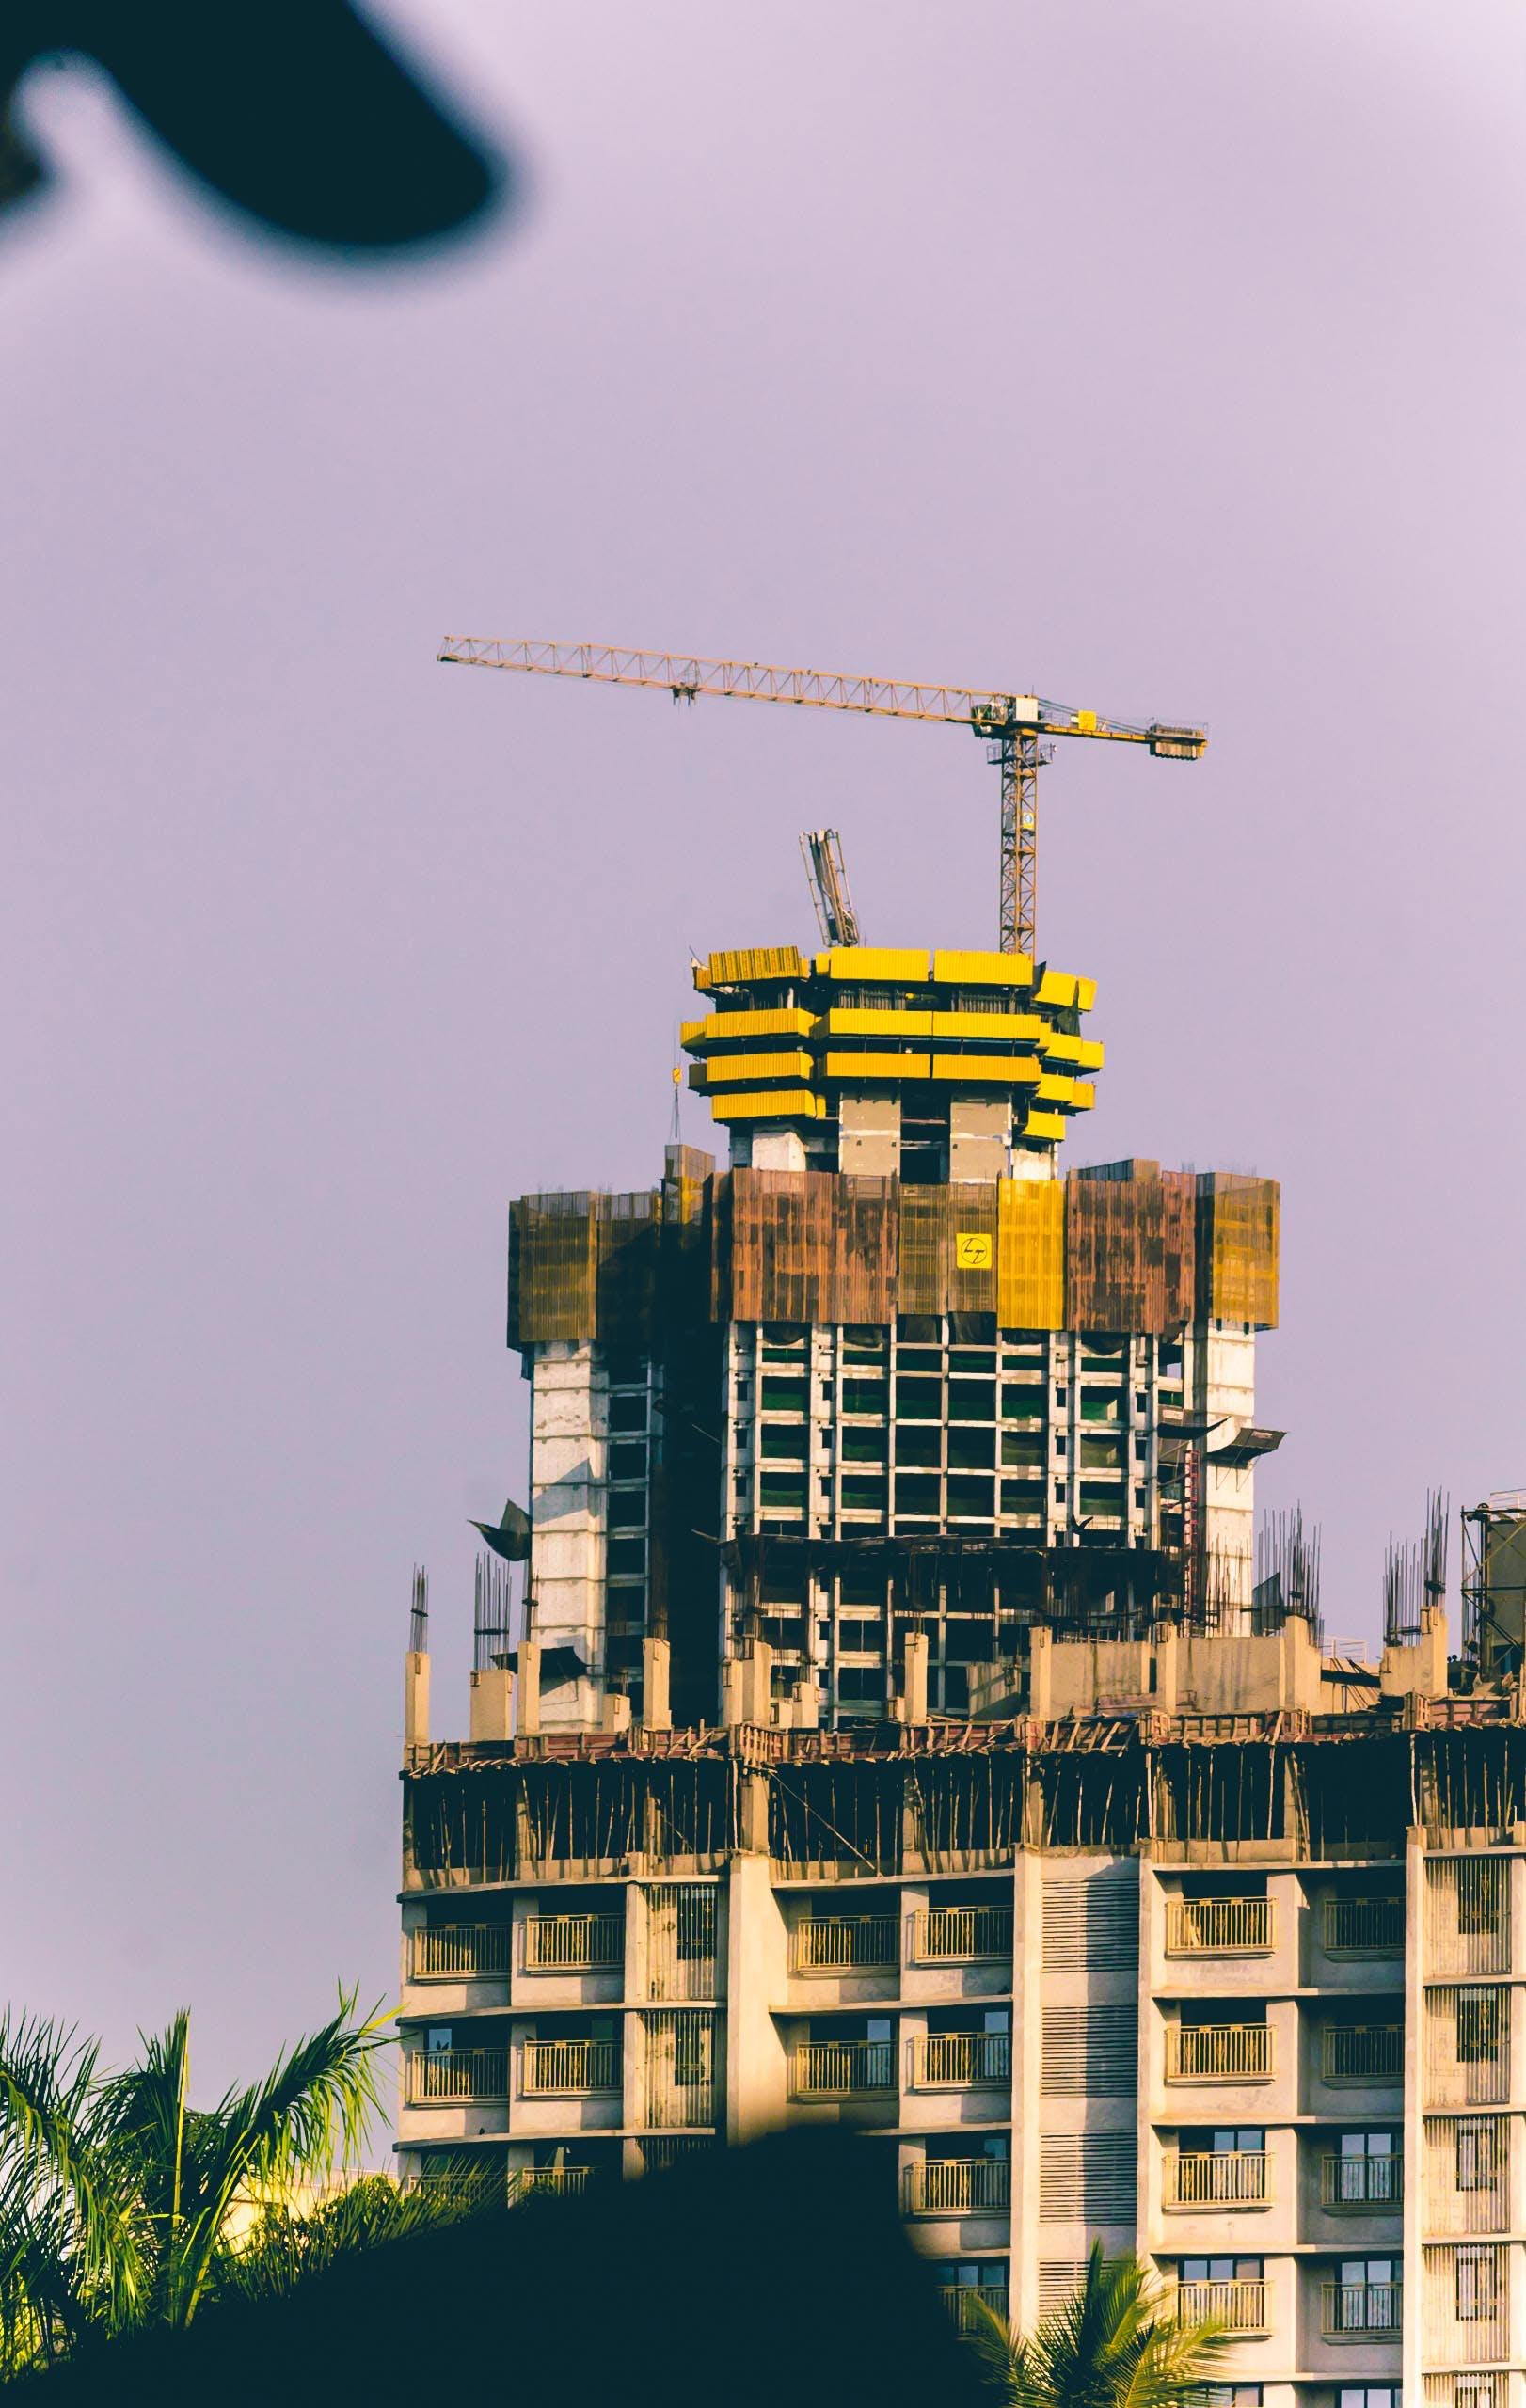 Kostenloses Stock Foto zu apartmentgebäude, architecturephotography, architektonisch, architekturdesign